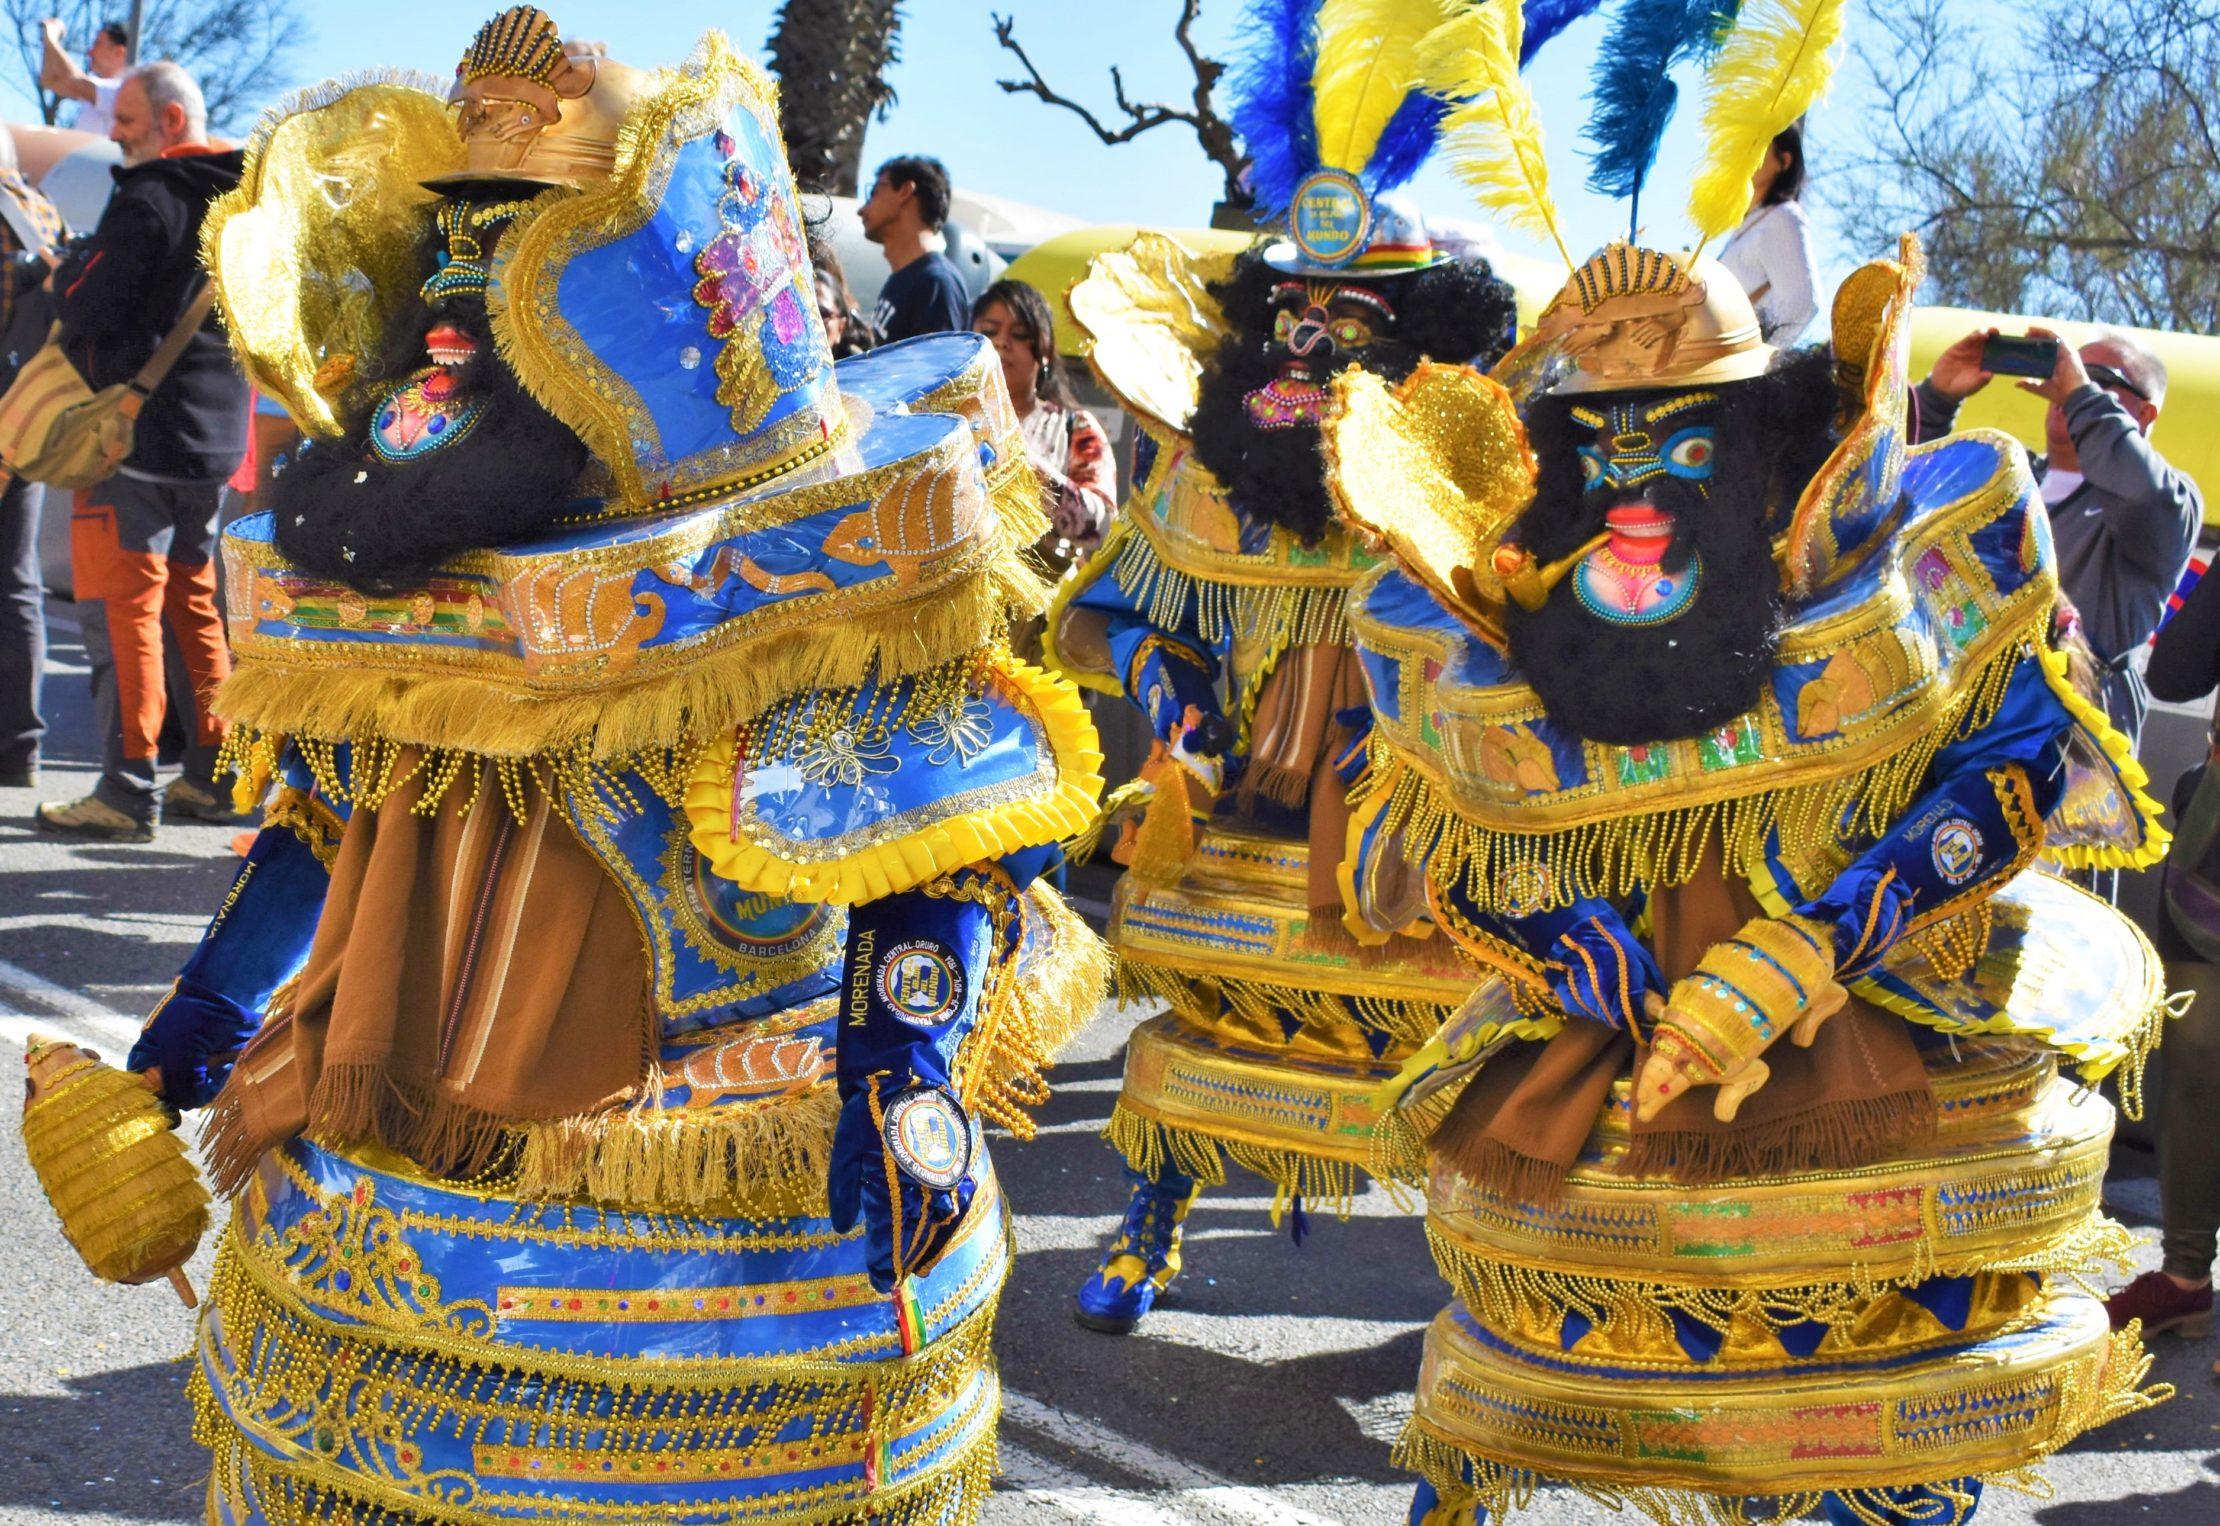 Carnival in Barcelona, Spain - by euroviajar